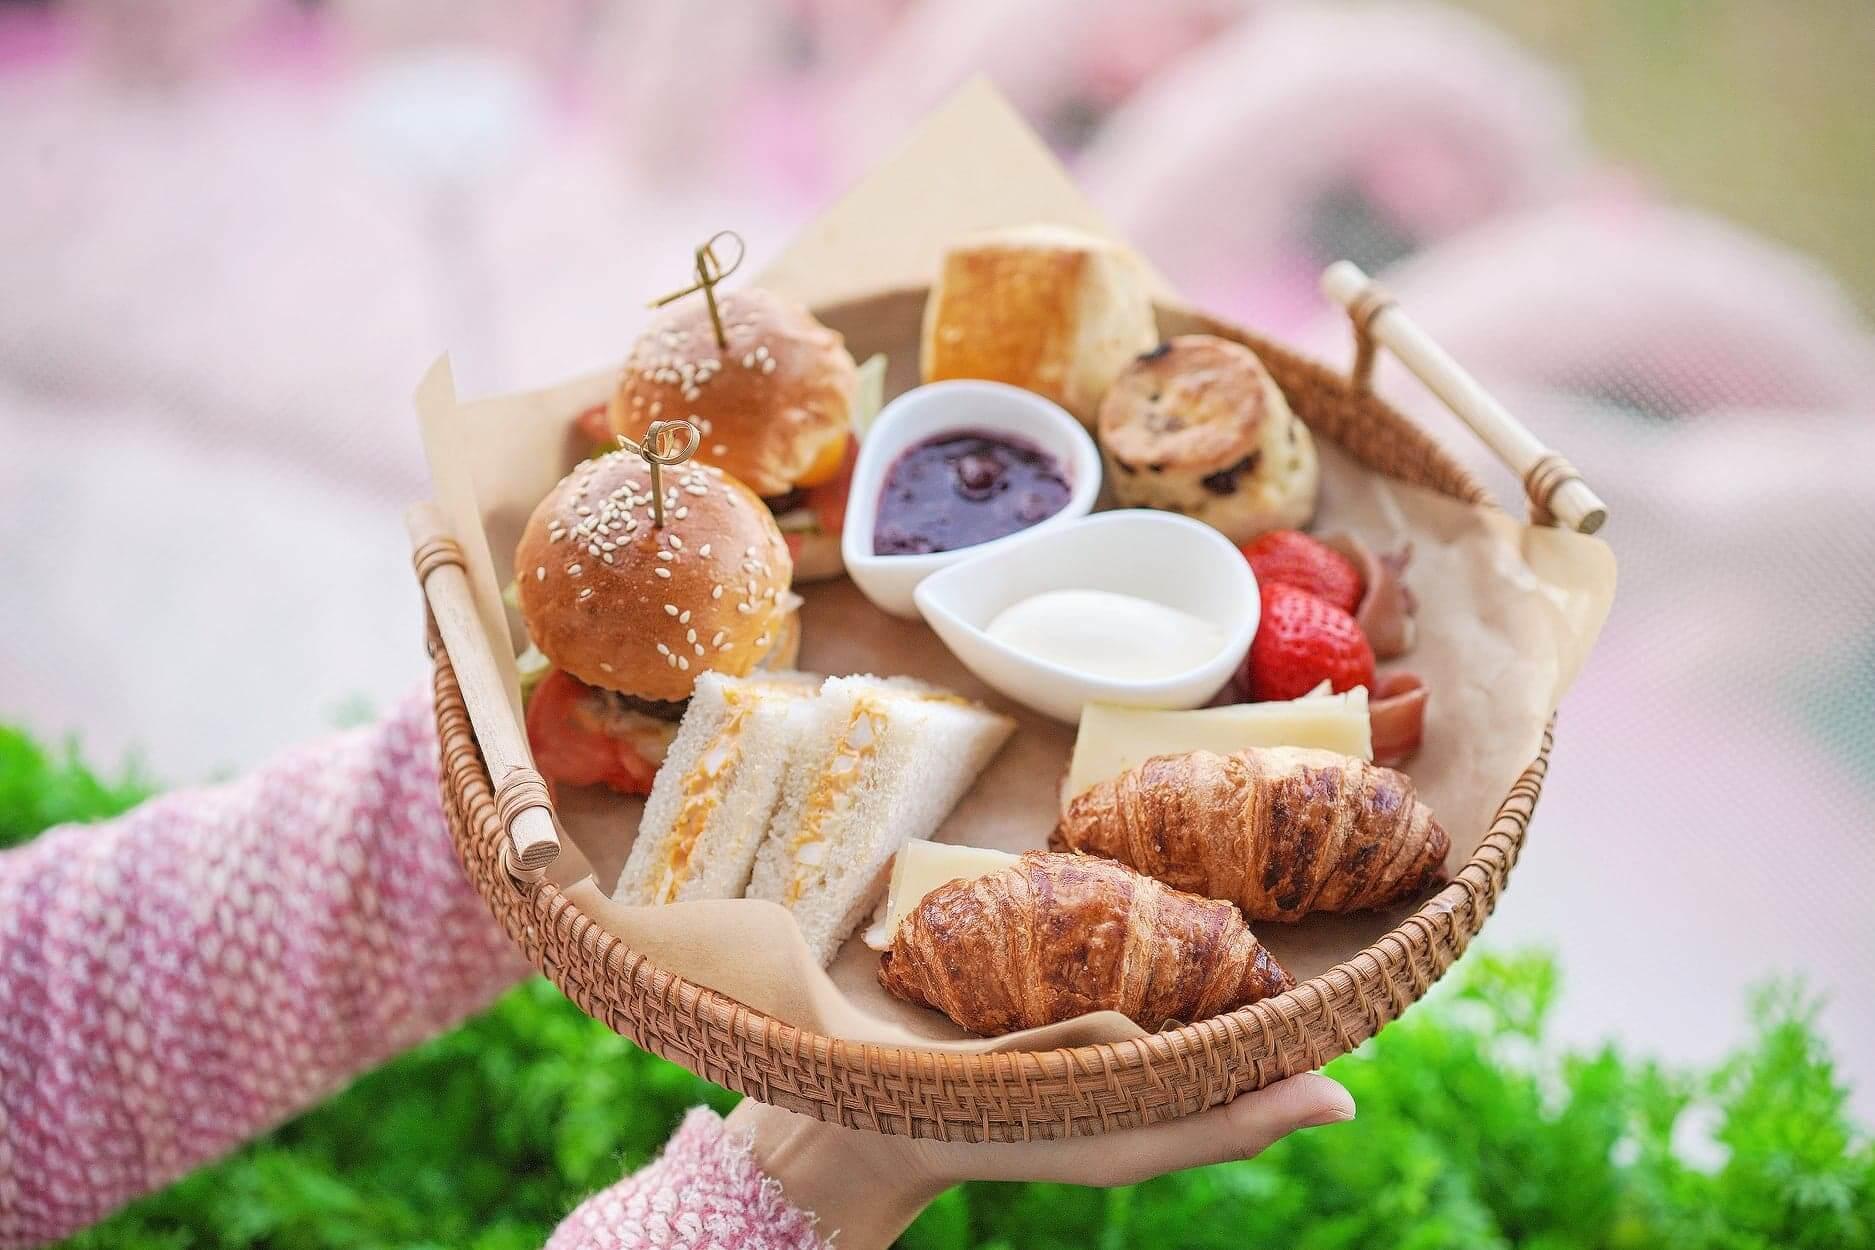 甜品固然吸引,多款鹹點亦不容錯過!